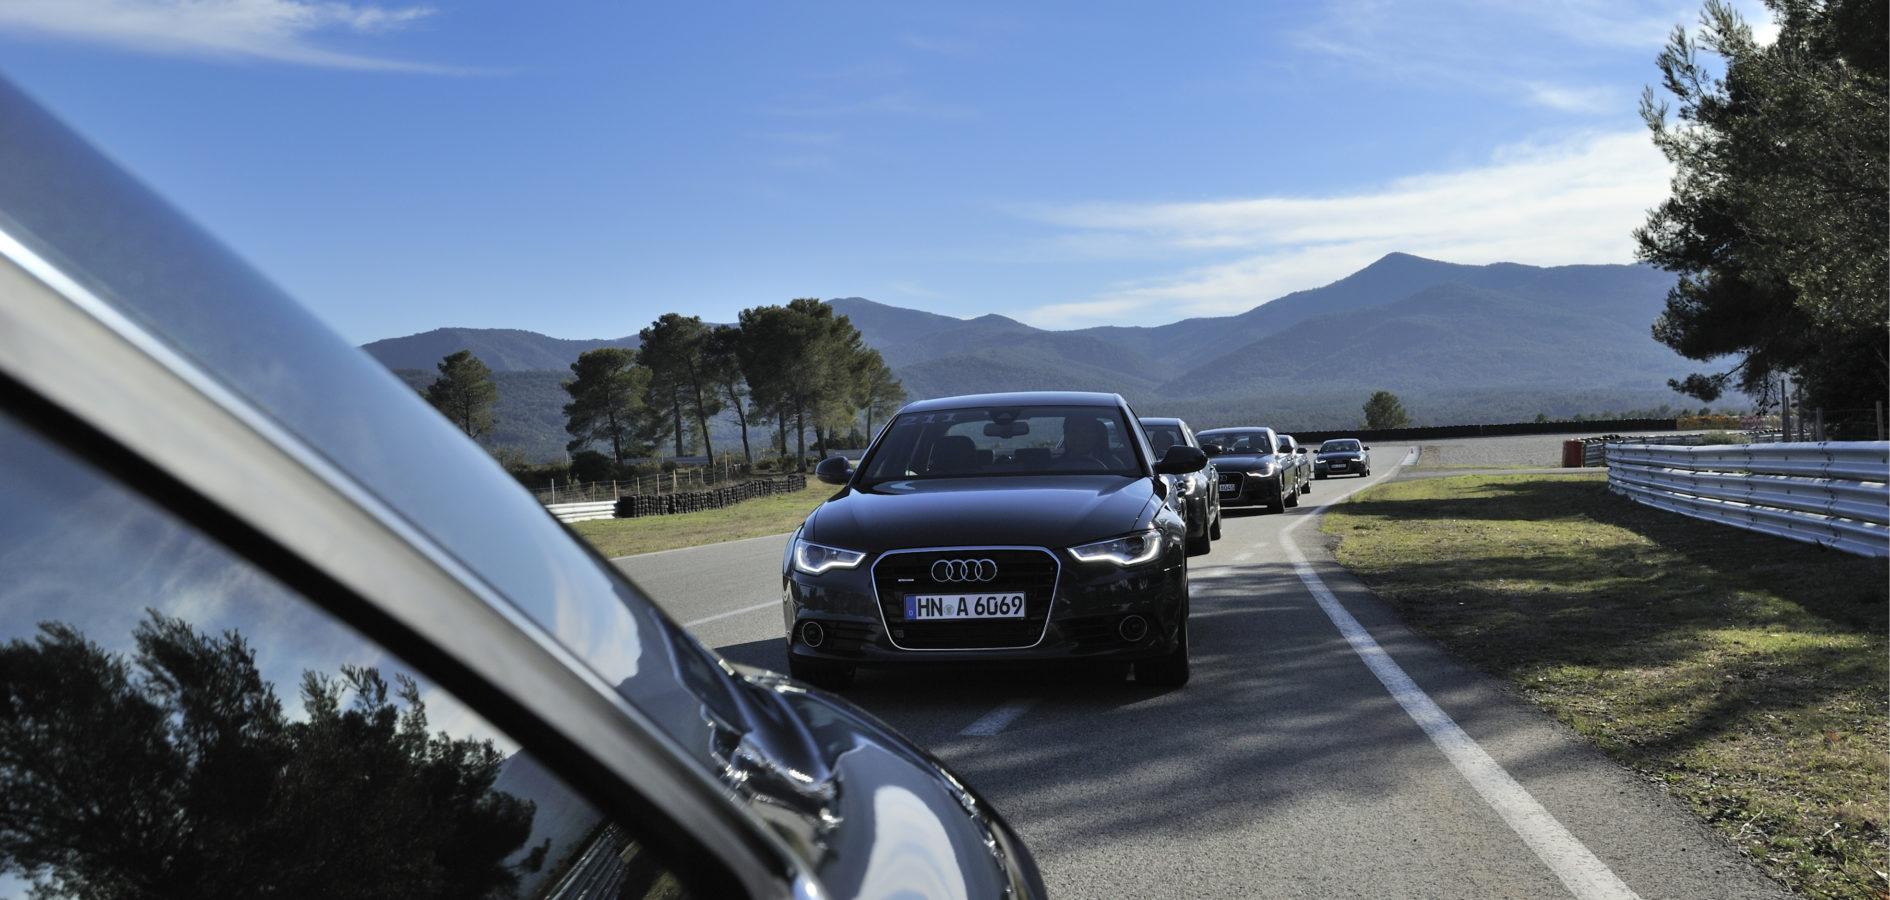 Audi Internationale Dealer Event Monaco Cote d'Azur